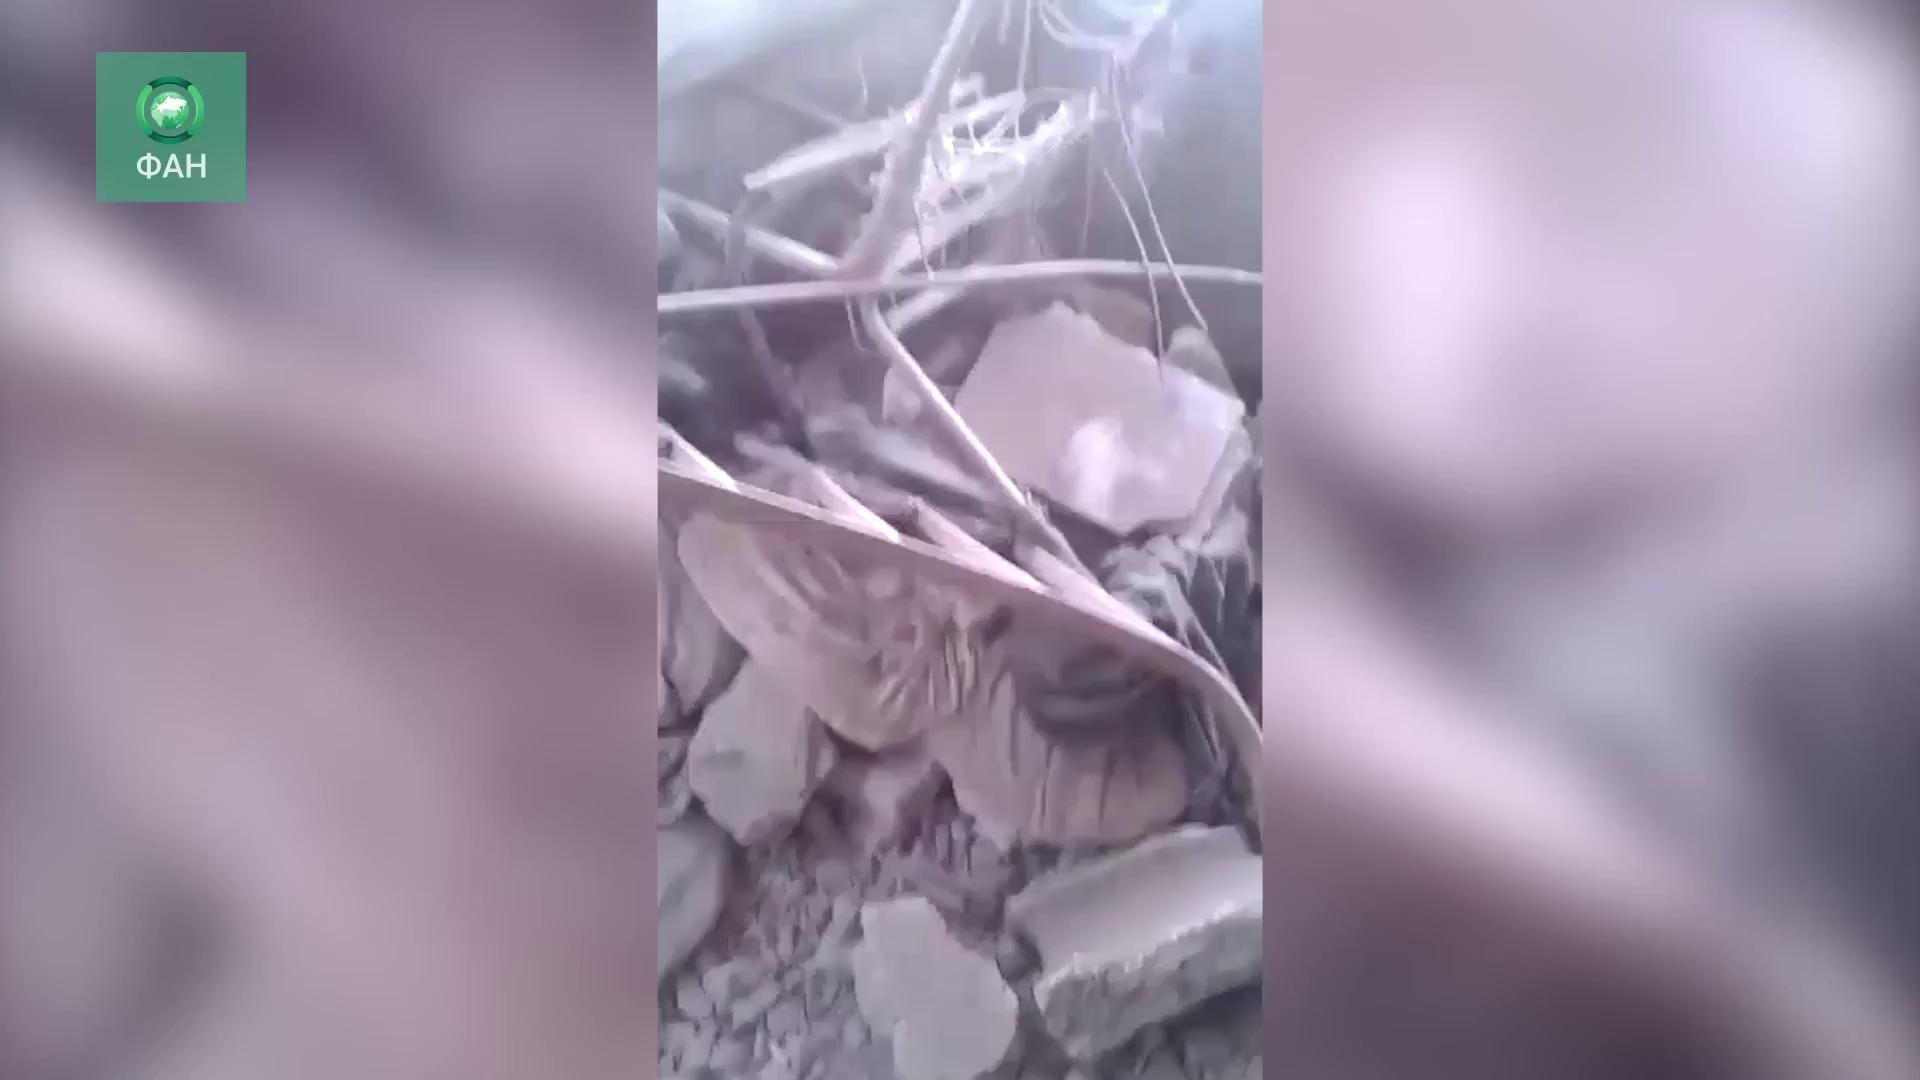 Lữ đoàn cơ giới số 24 chuẩn bị cho chiến dịch tấn công mới ở Harasta